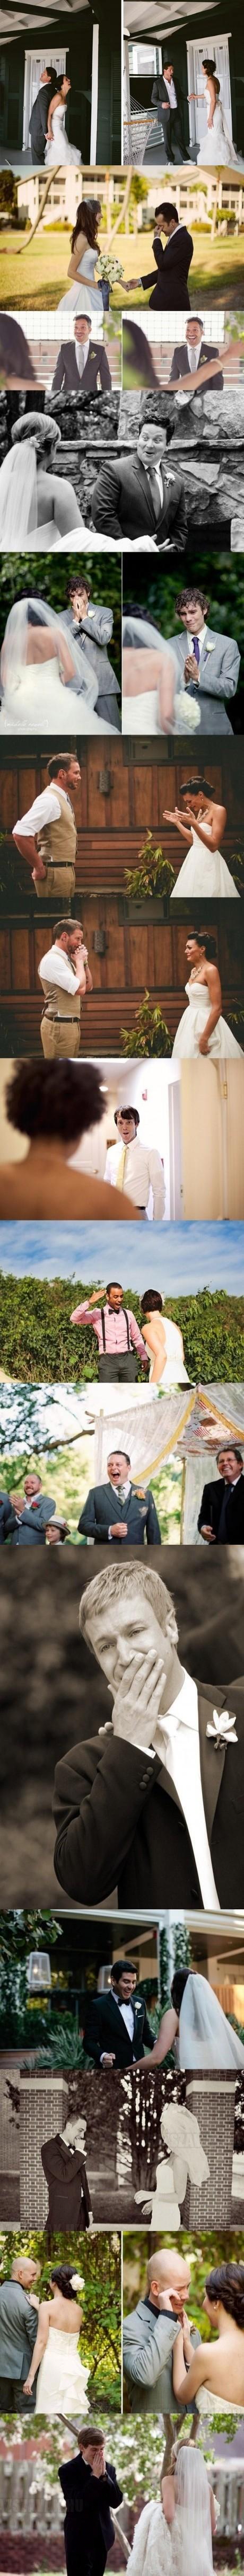 Vőlegények reakciója, mikor először látják meg menyasszonyukat az esküvői ruhában